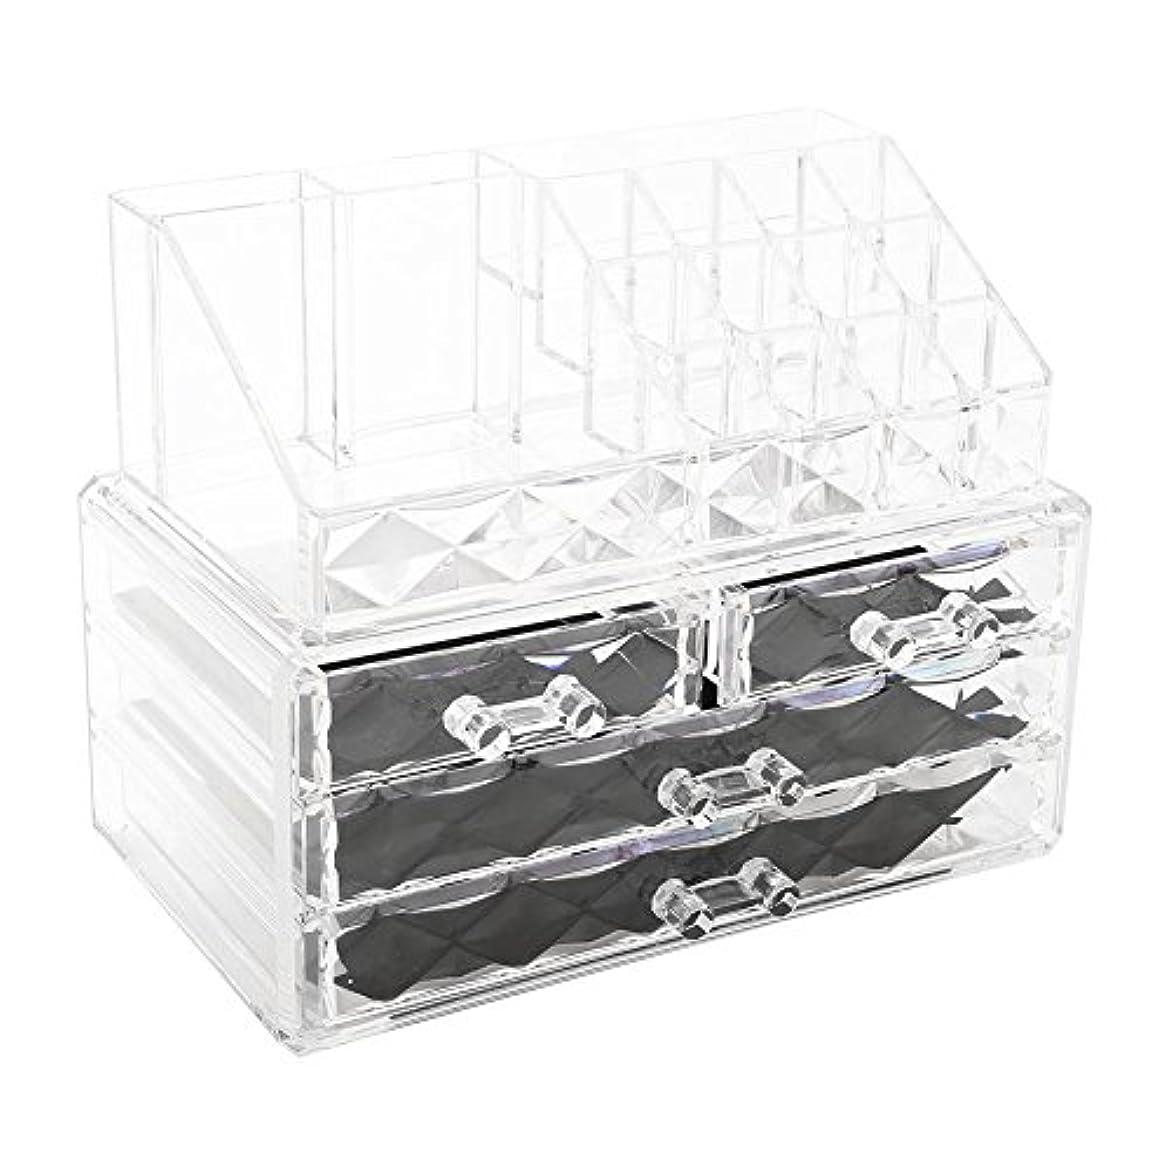 均等に味童謡化粧品収納ボックス アクリル製 2段式 三つ引き出し 大容量 多機能 丈夫 耐用 防塵 高透明度 化粧道具 小物入れ 化粧品入れ コスメ収納スタンド(2色) (透明)